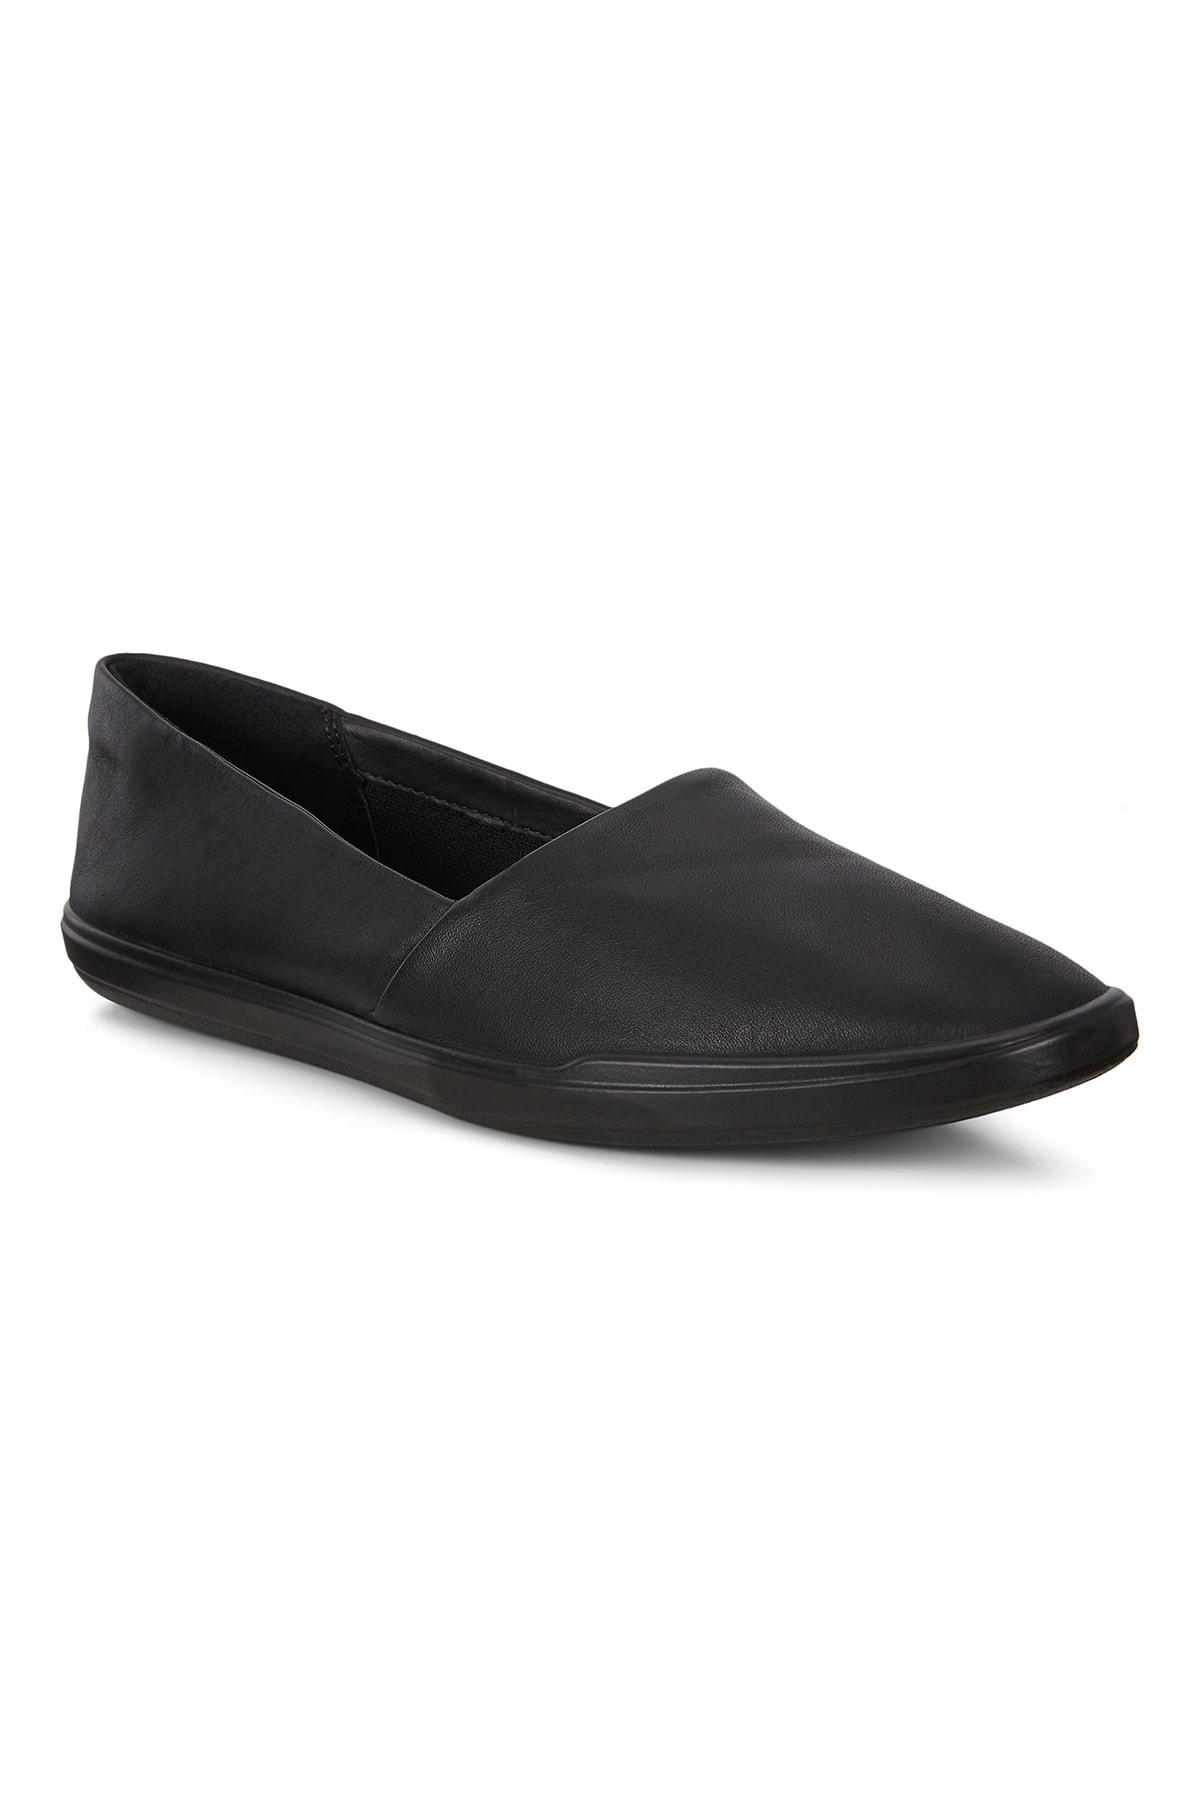 Ecco Kadın Loafer Ayakkabı Simpil W Black 208603